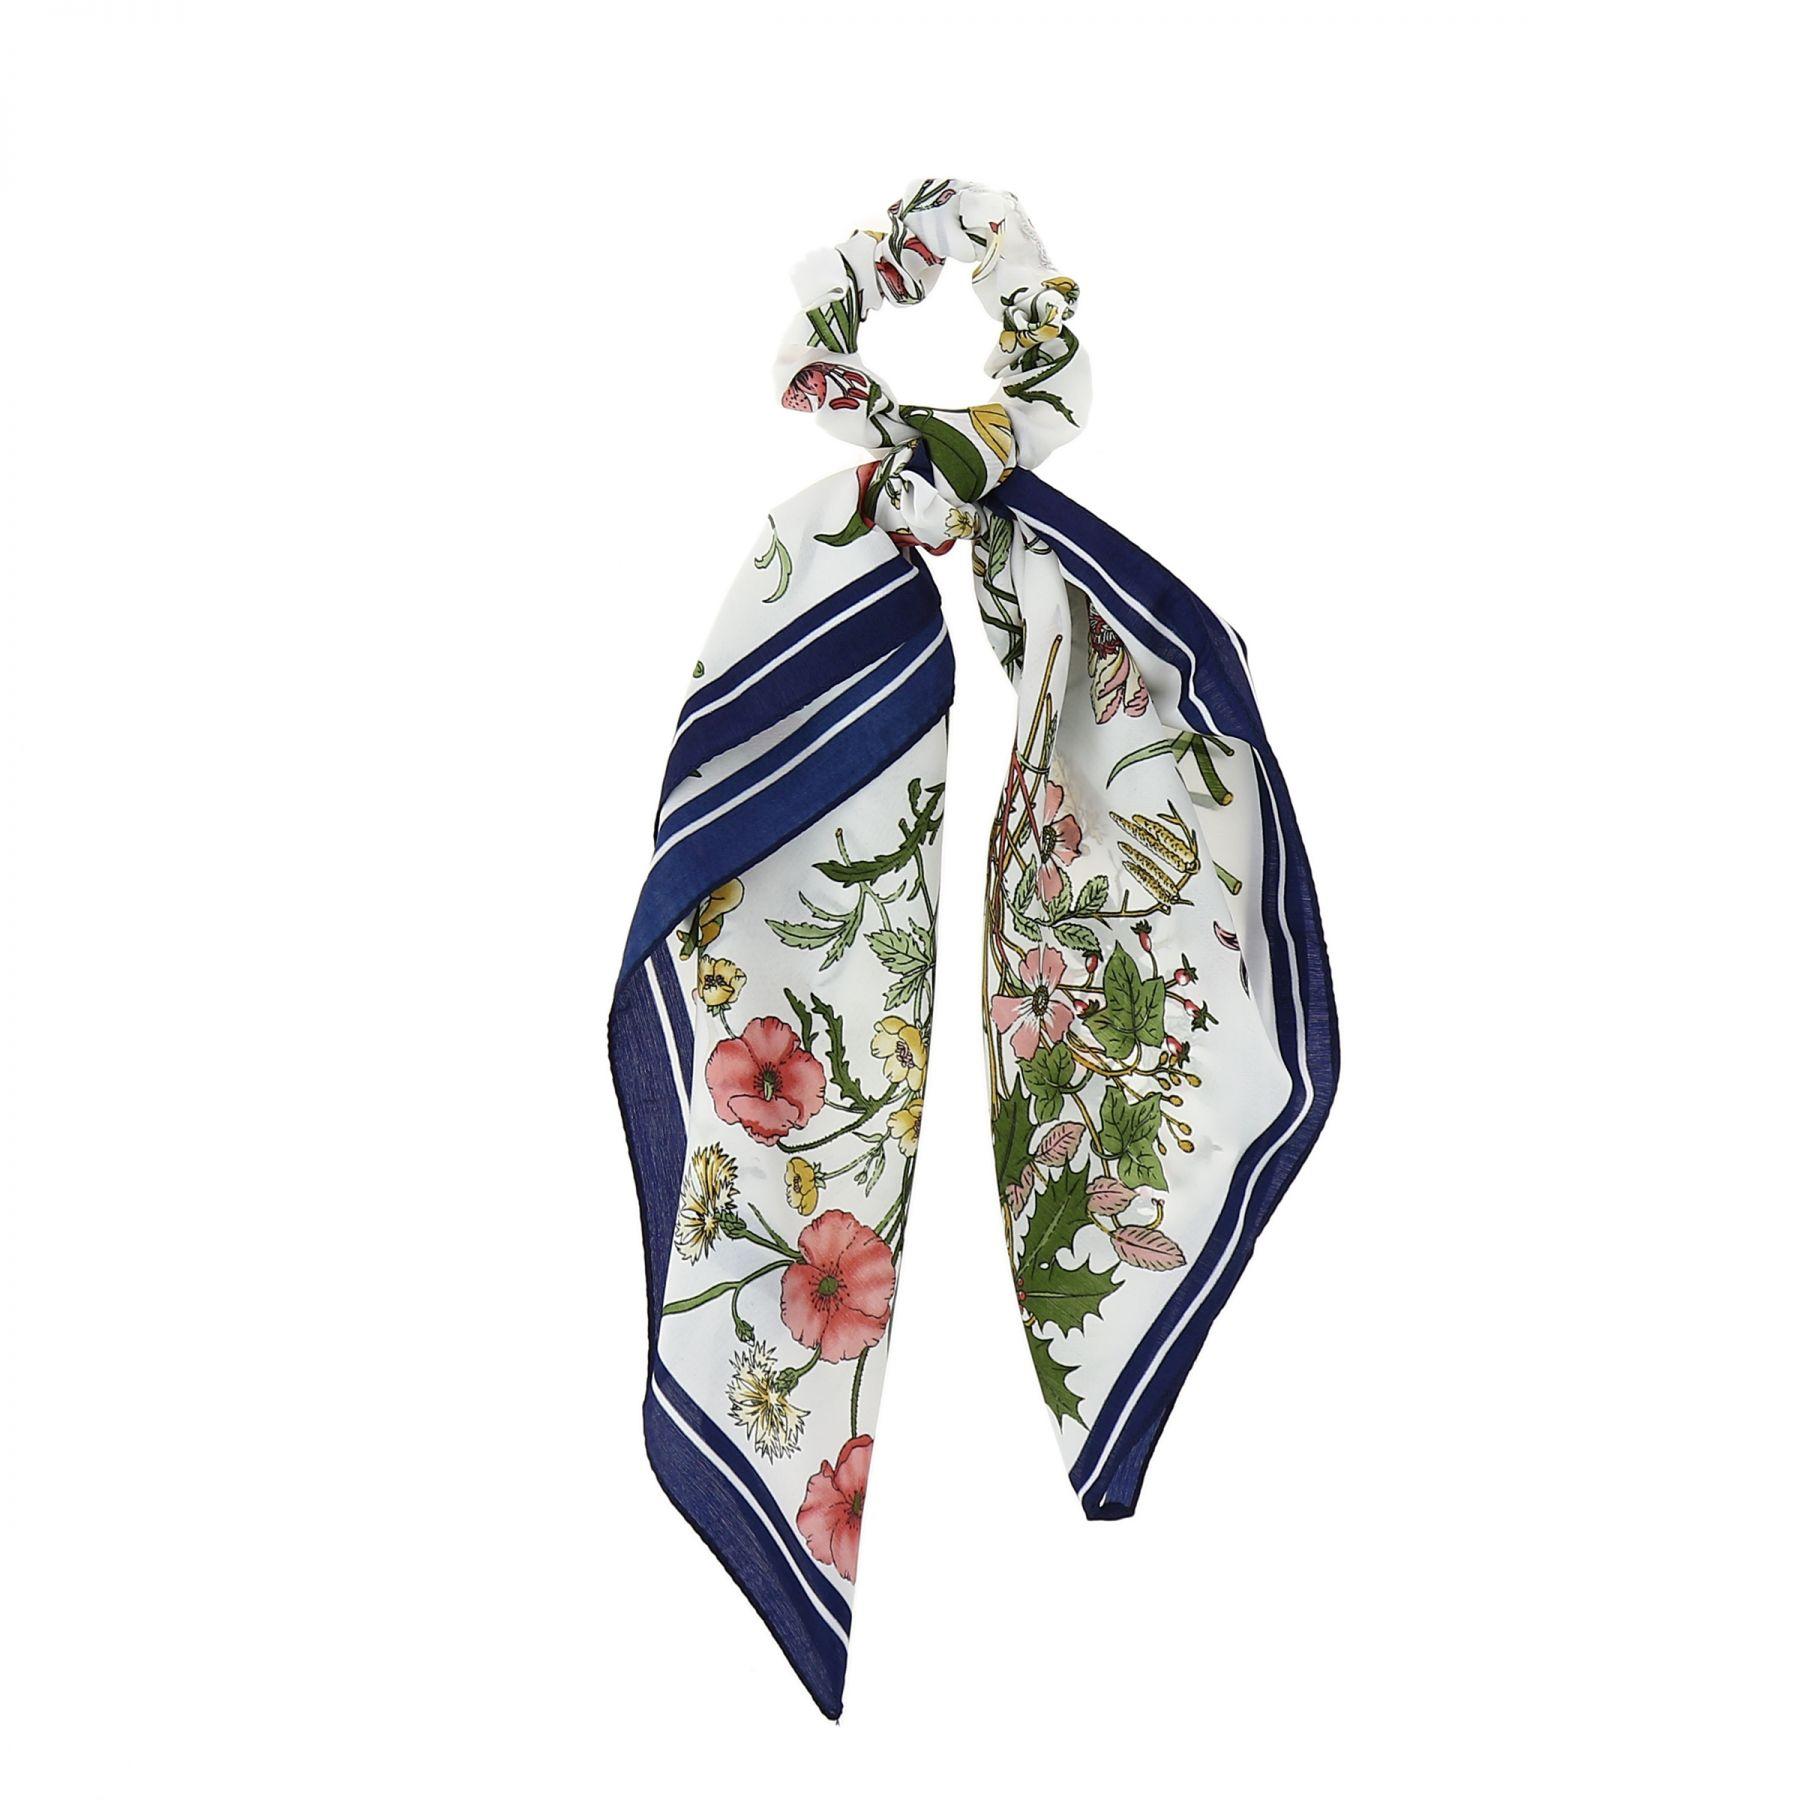 nouveau style de vie tout à fait stylé promotion grossiste 3 en 1 Foulard, chouchou, bandeaux pour Femme, CELENE